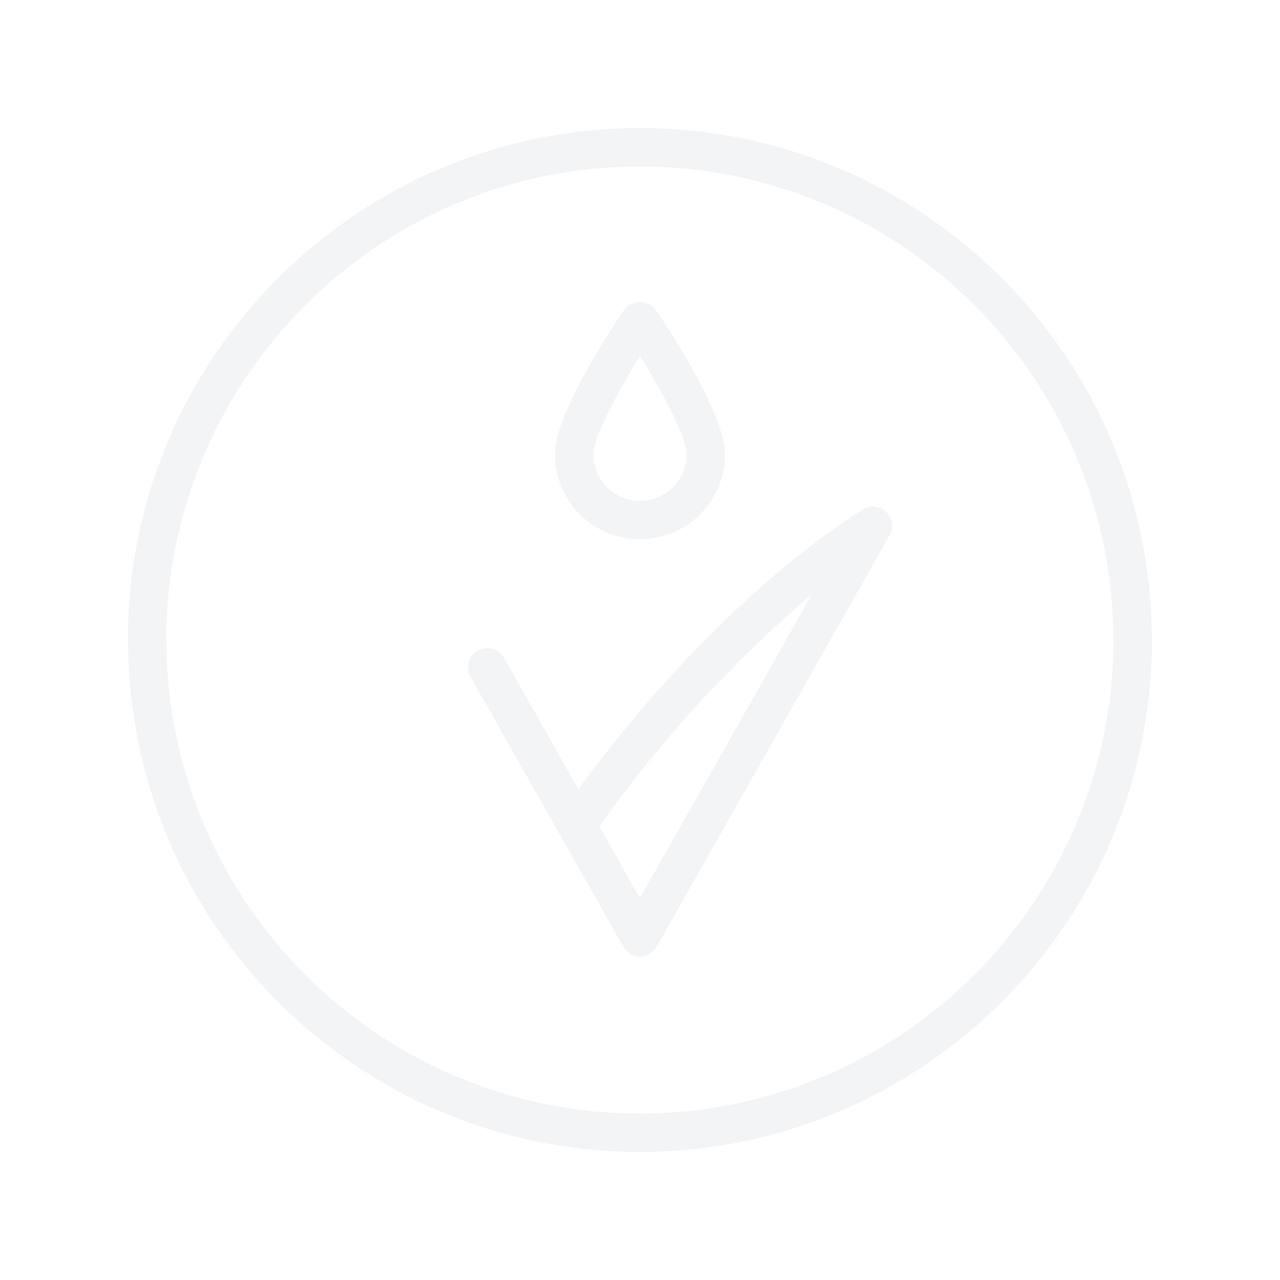 SENSAI Separating & Lengthening 38C Mascara Black 7.5ml